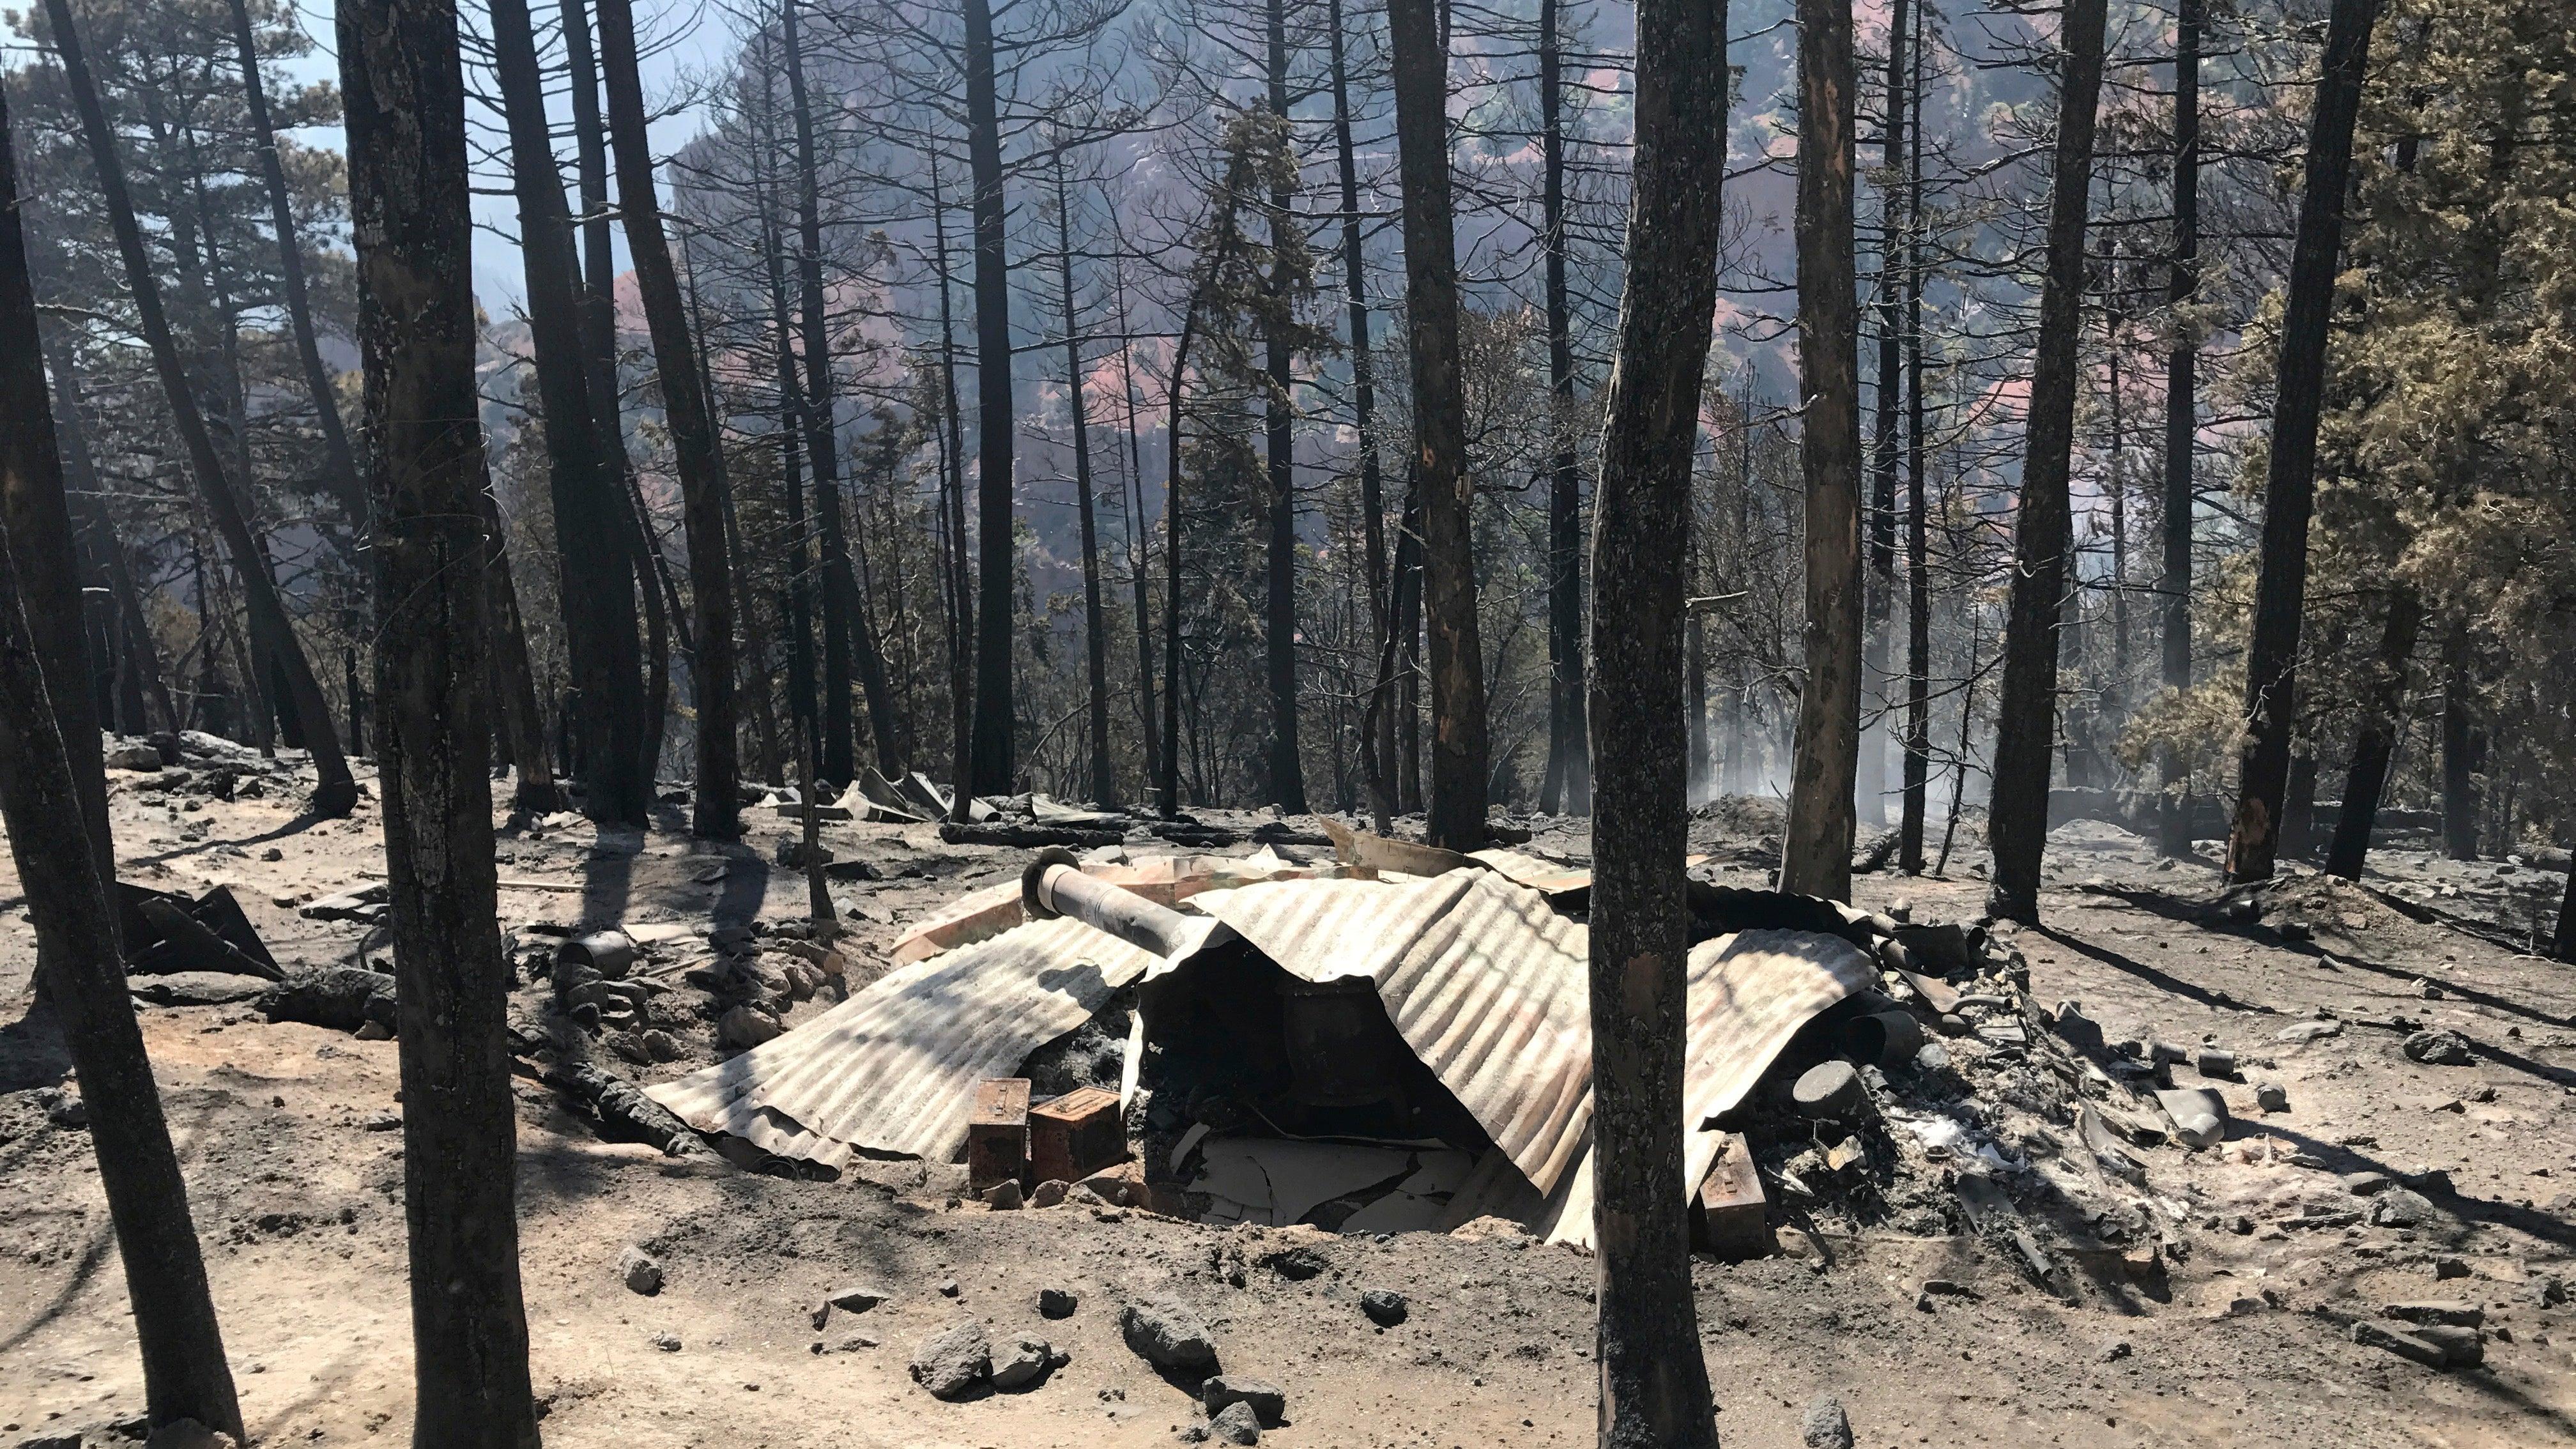 Doomsday Prepper's Sketchy, Ammo-Filled Bunker Destroyed By Regular Old Bushfire